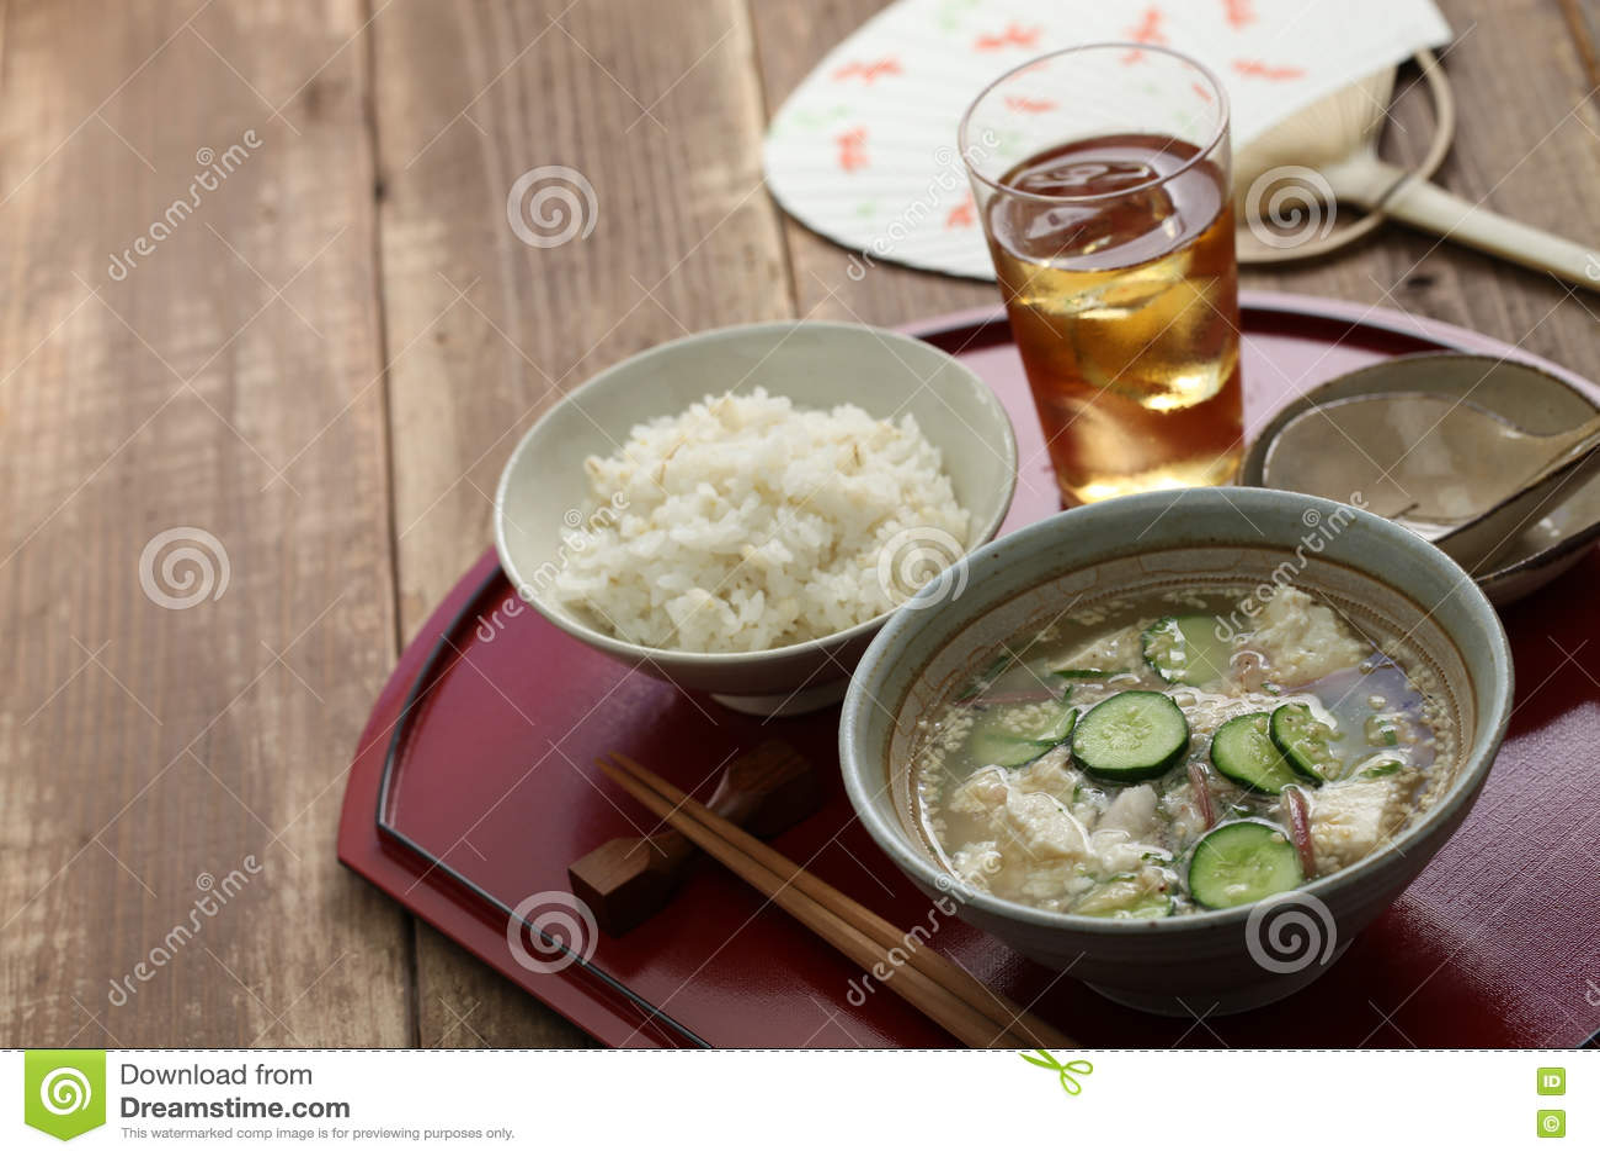 Kalte Sommerküche : Hiyajiru kalte misosuppe mit gerstenreis stockfoto bild von